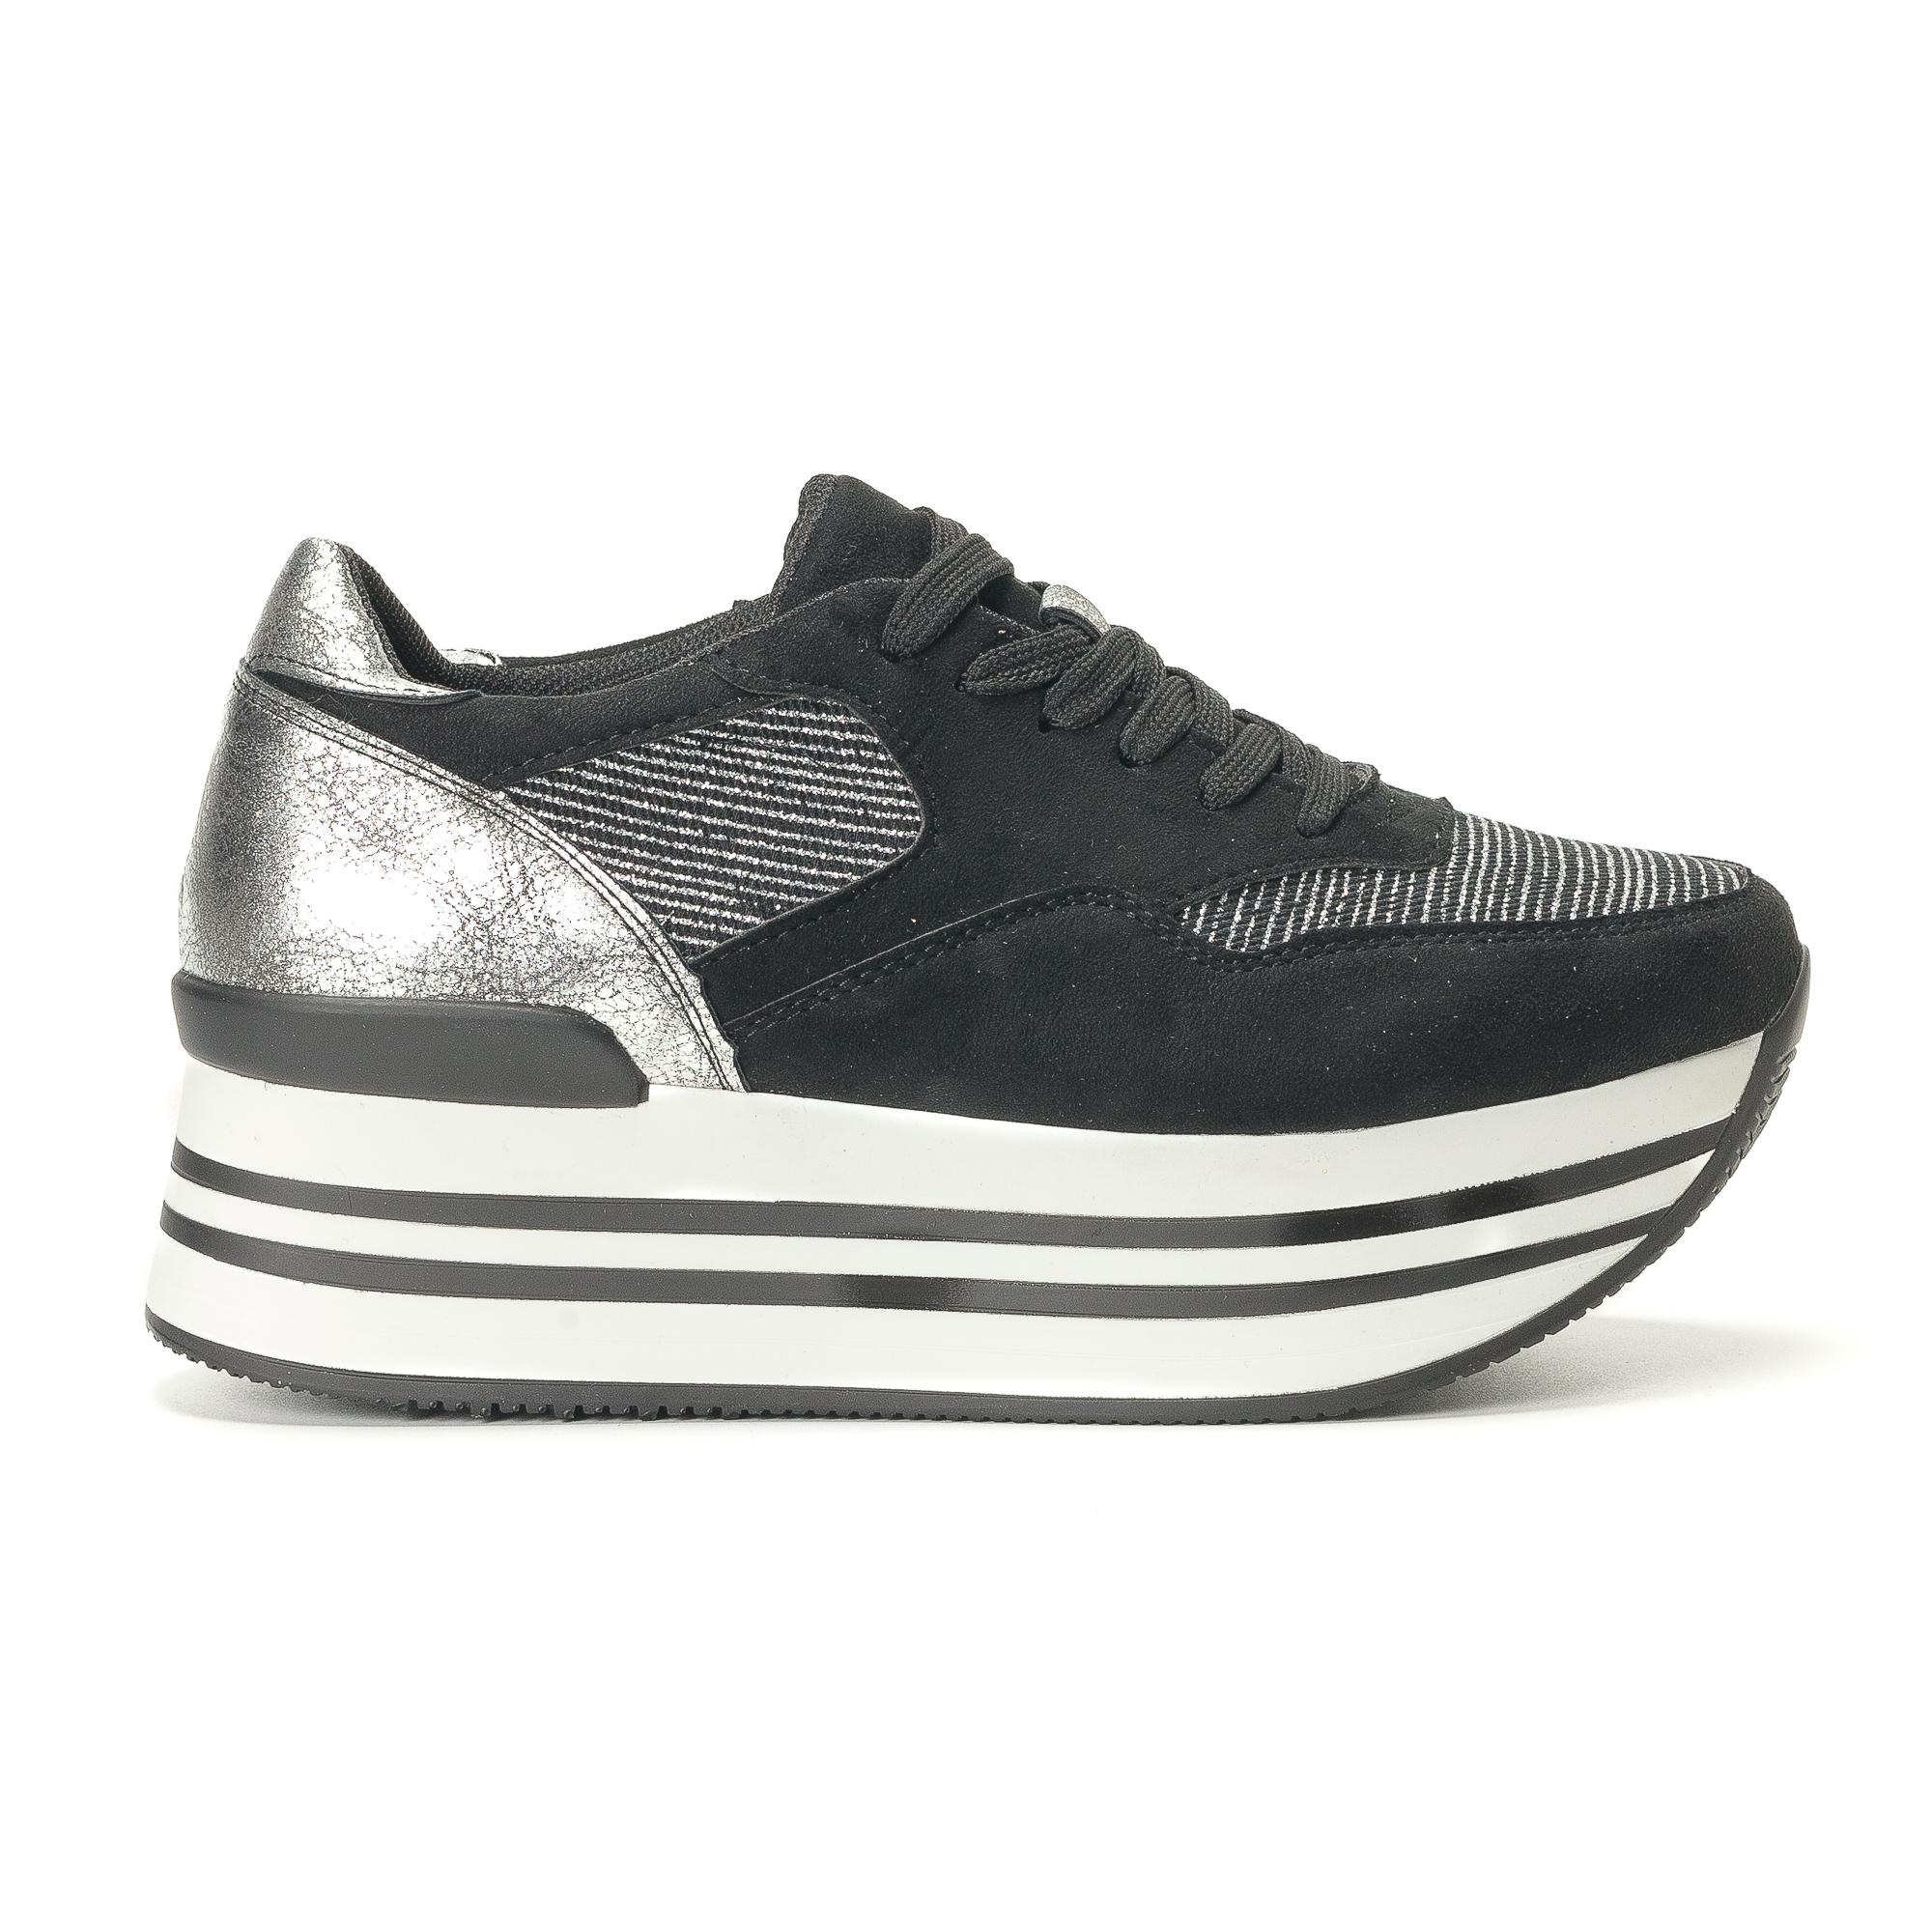 Γυναικεία μαύρα sneakers από οικολογικό σουέτ με ασπρόμαυρη πλατφόρμα